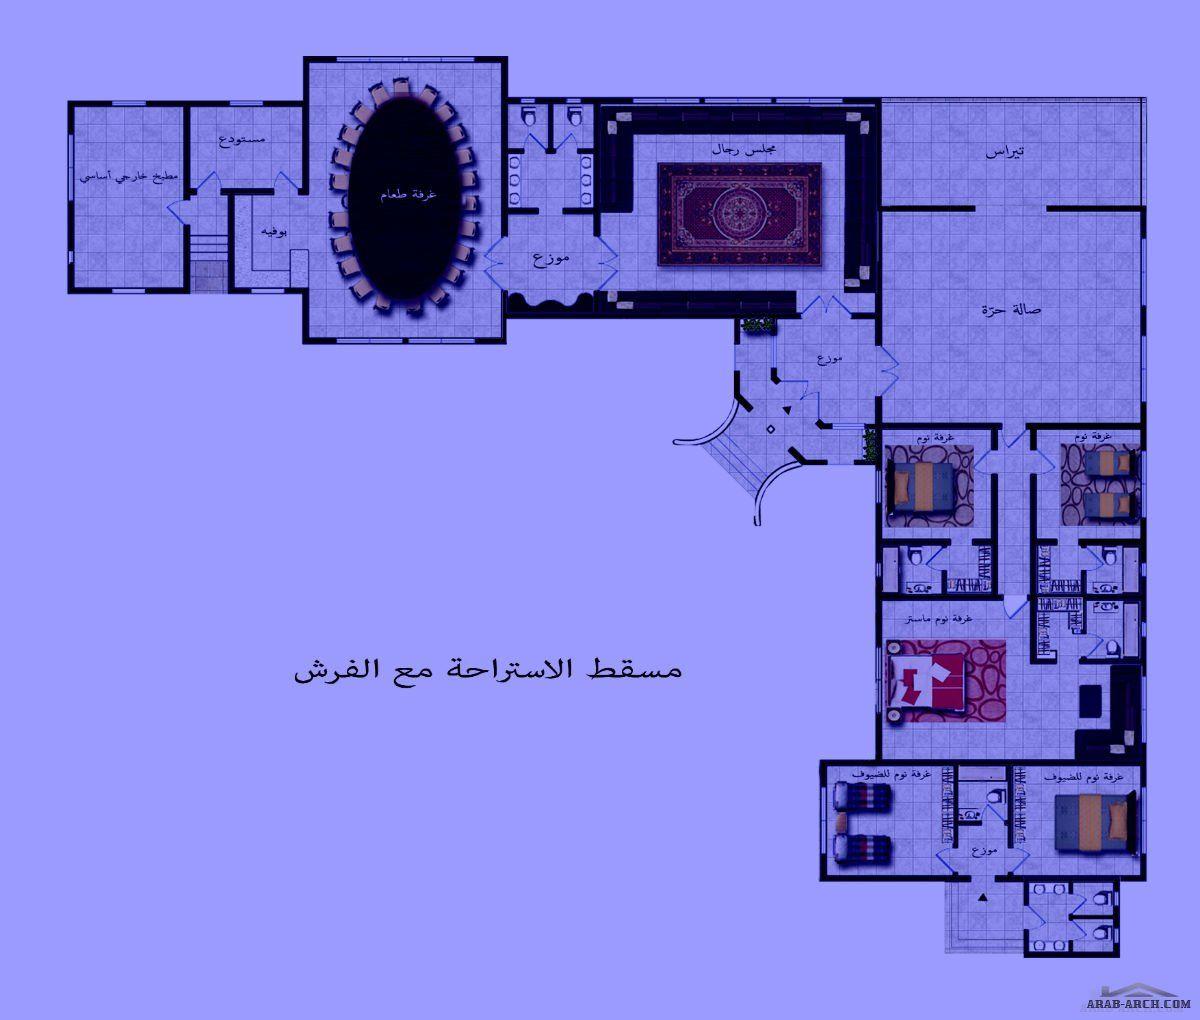 تصميم استراحة حرف L زاوية من أعمال Yasmine Al Hadwa Home Map Design Floor Plan Design House Map